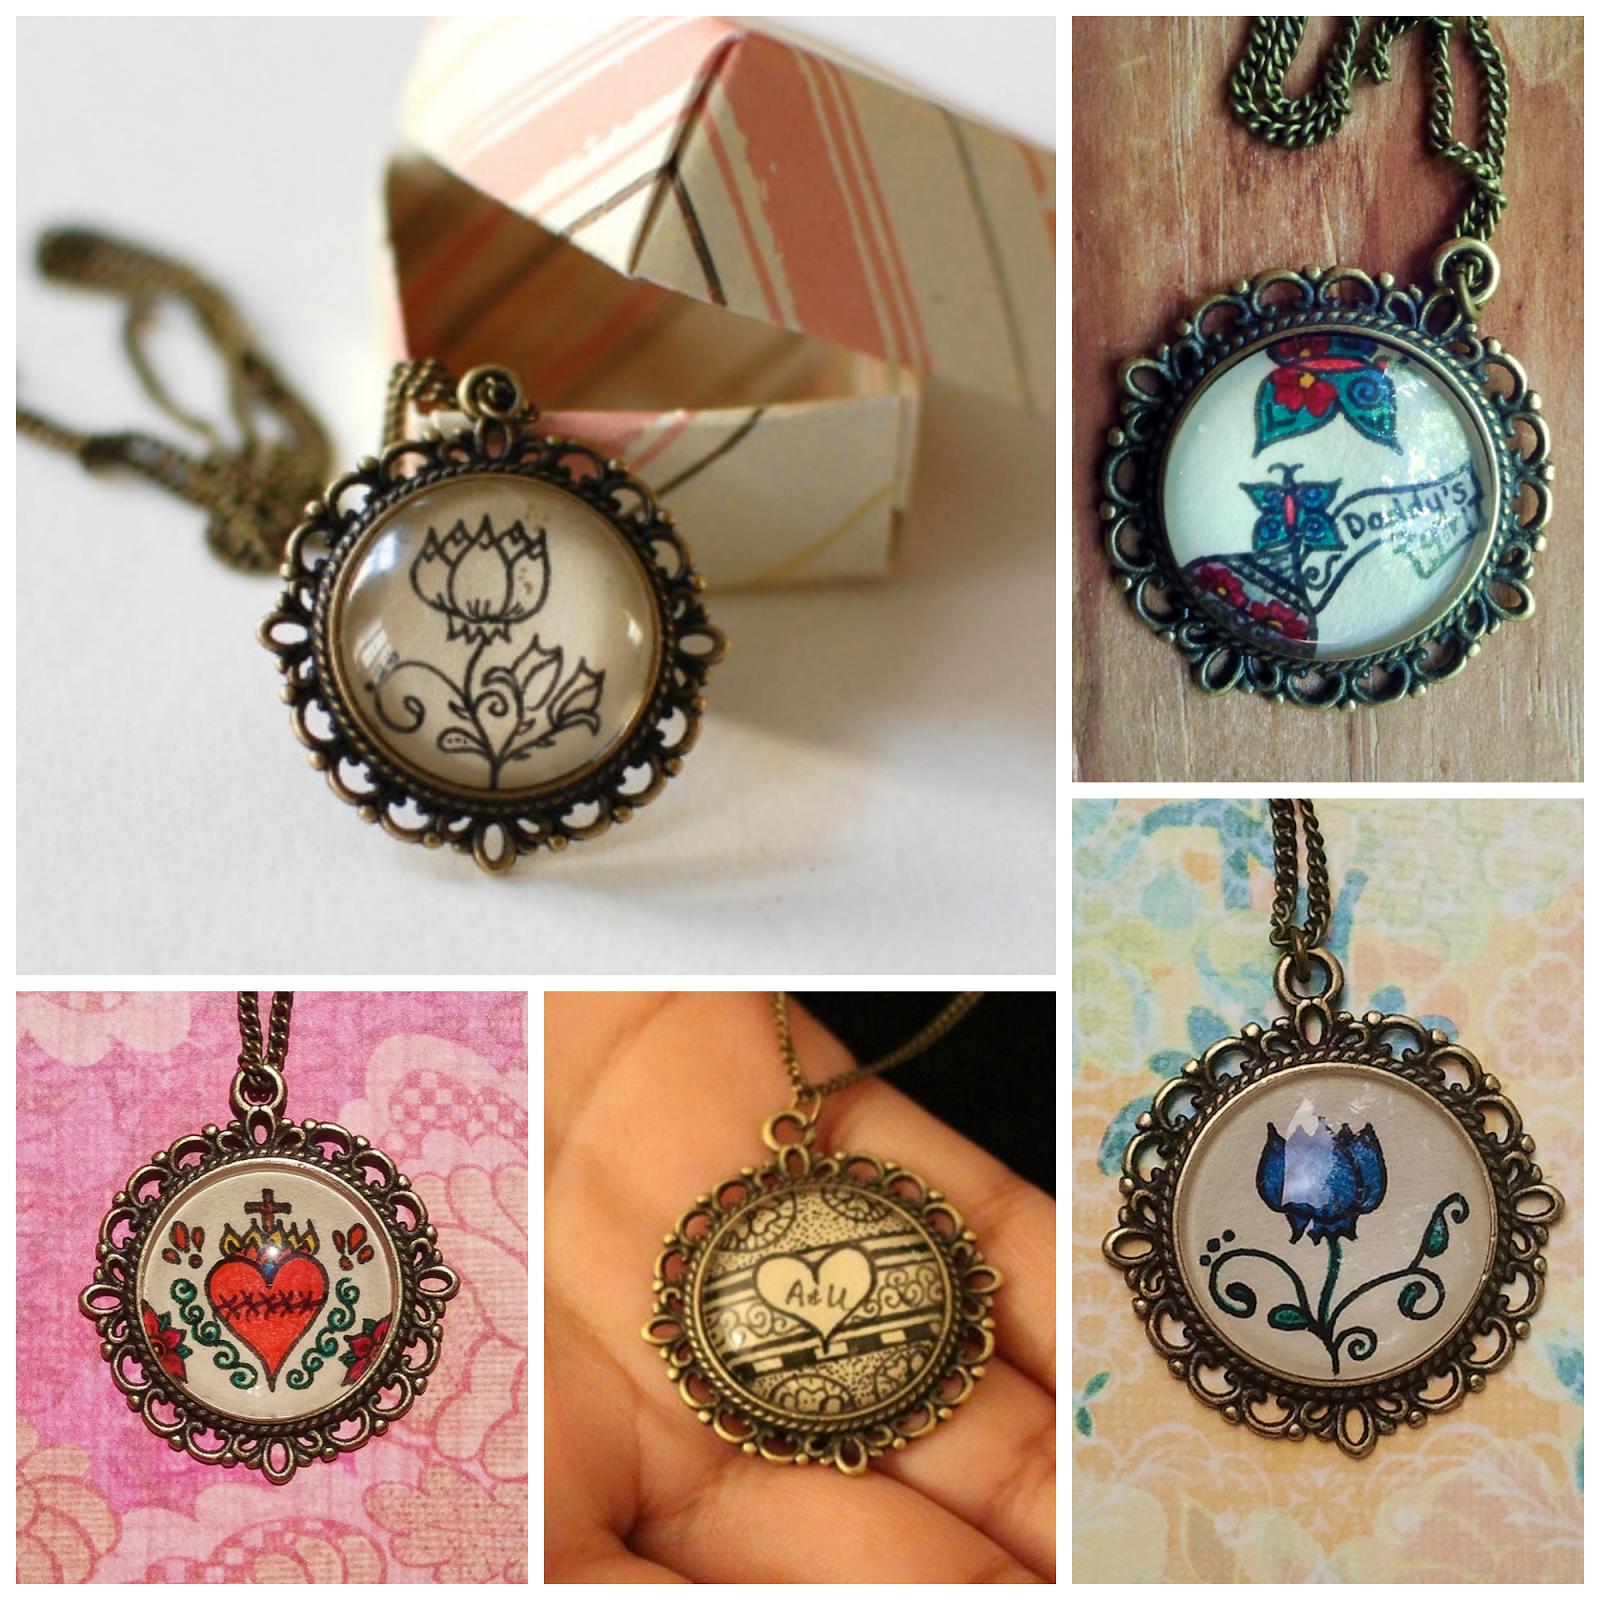 Custom Orders: http://juliaspuellaaeterna.blogspot.com/2014/07/custom-orders.html